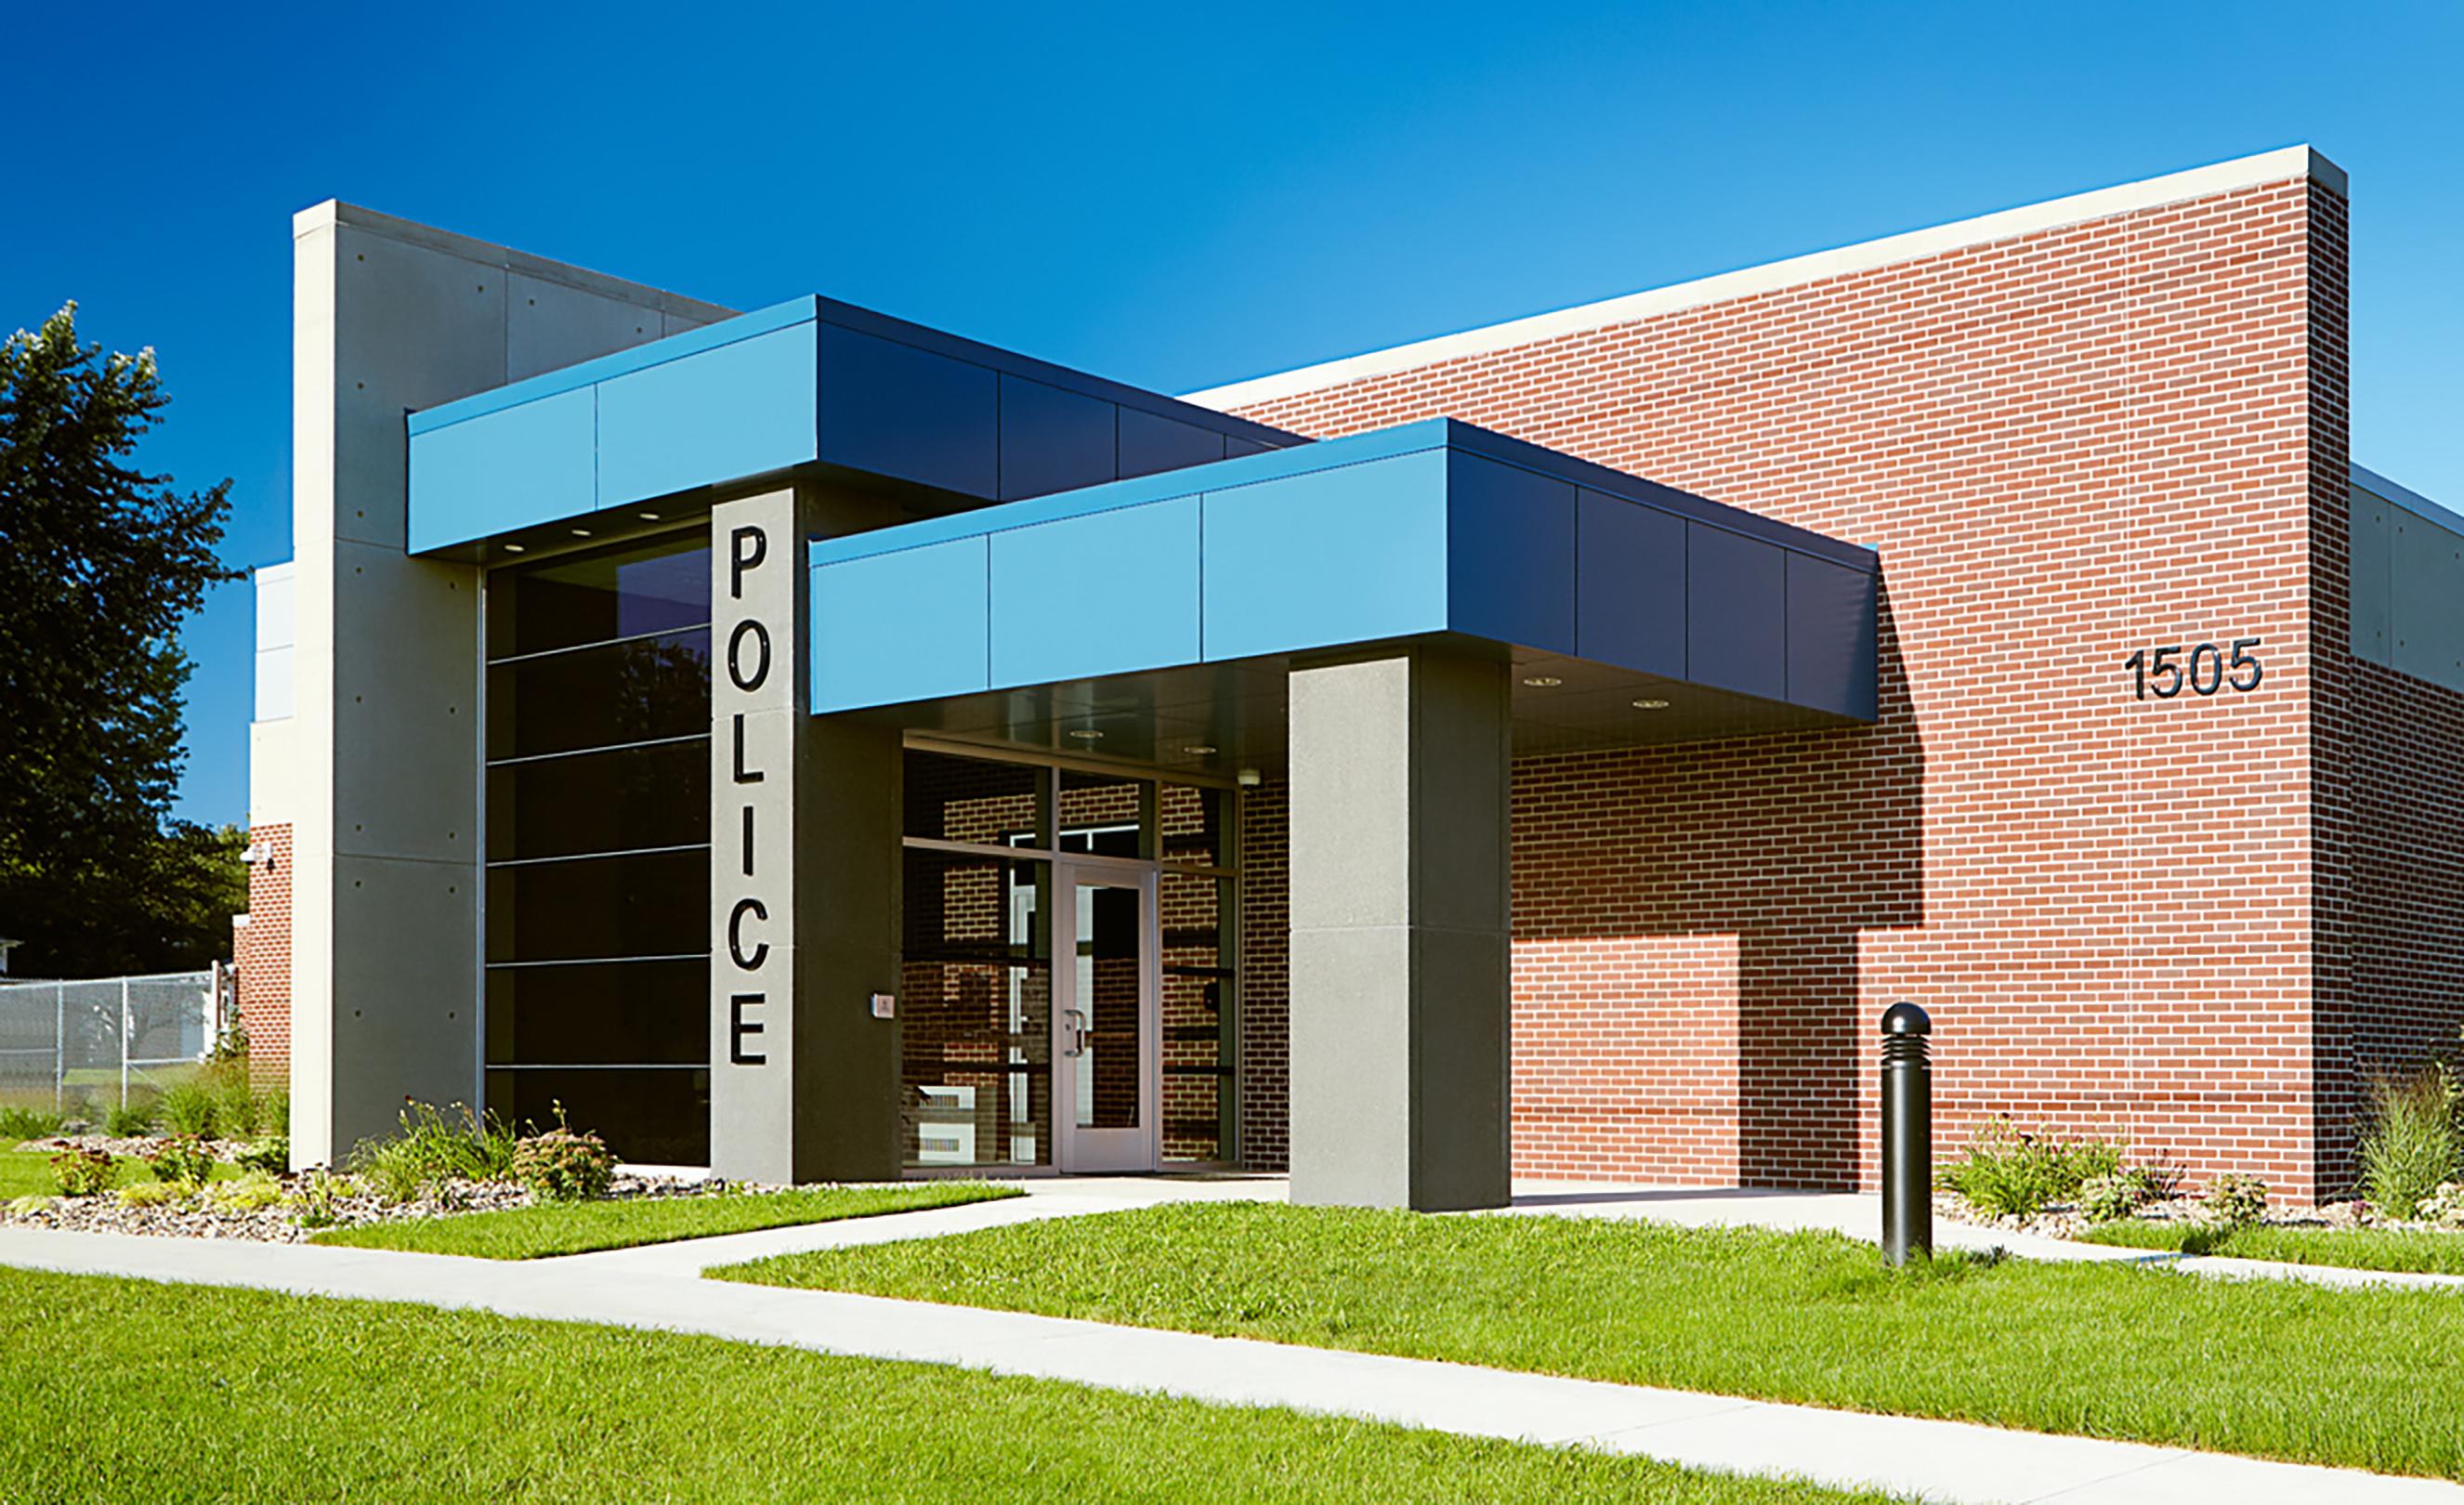 DeWitt Police Station